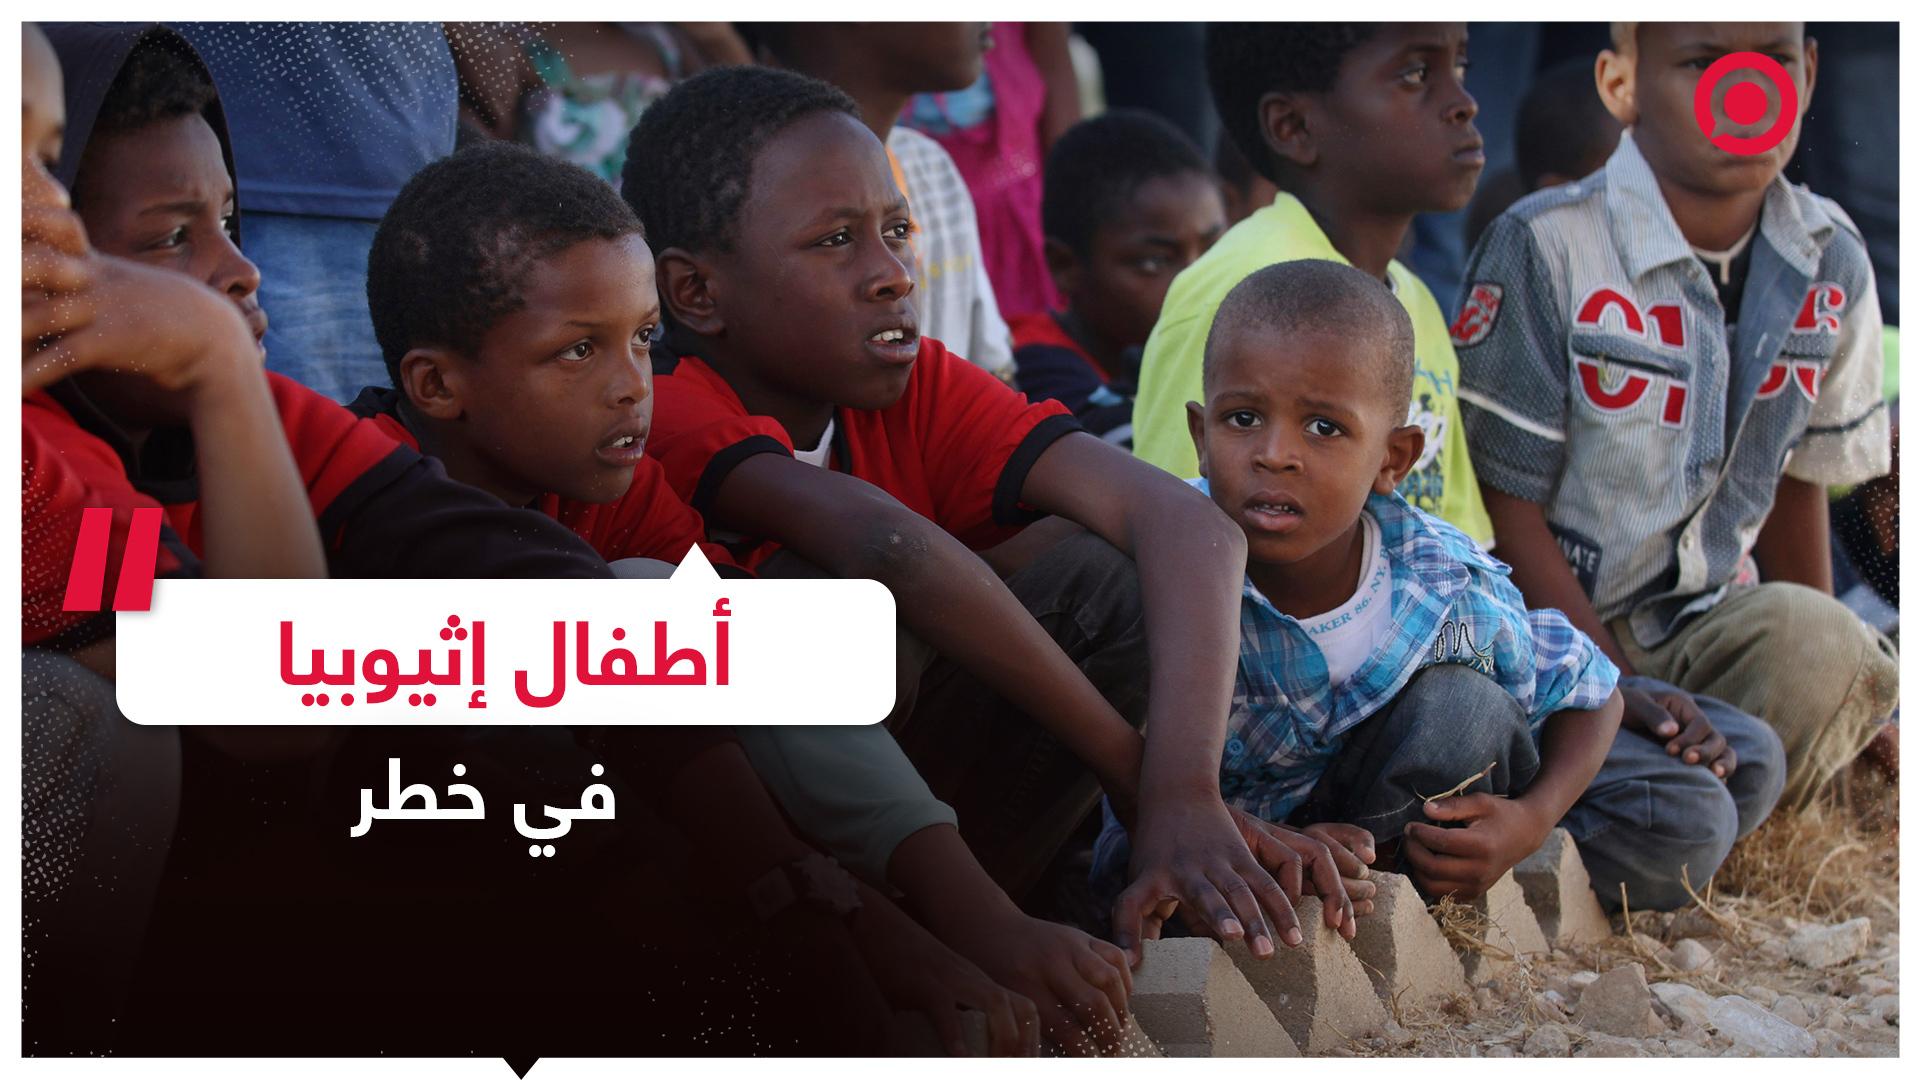 مخاوف من تعرض 33 ألف طفل إثيوبي لخطر الموت جوعا